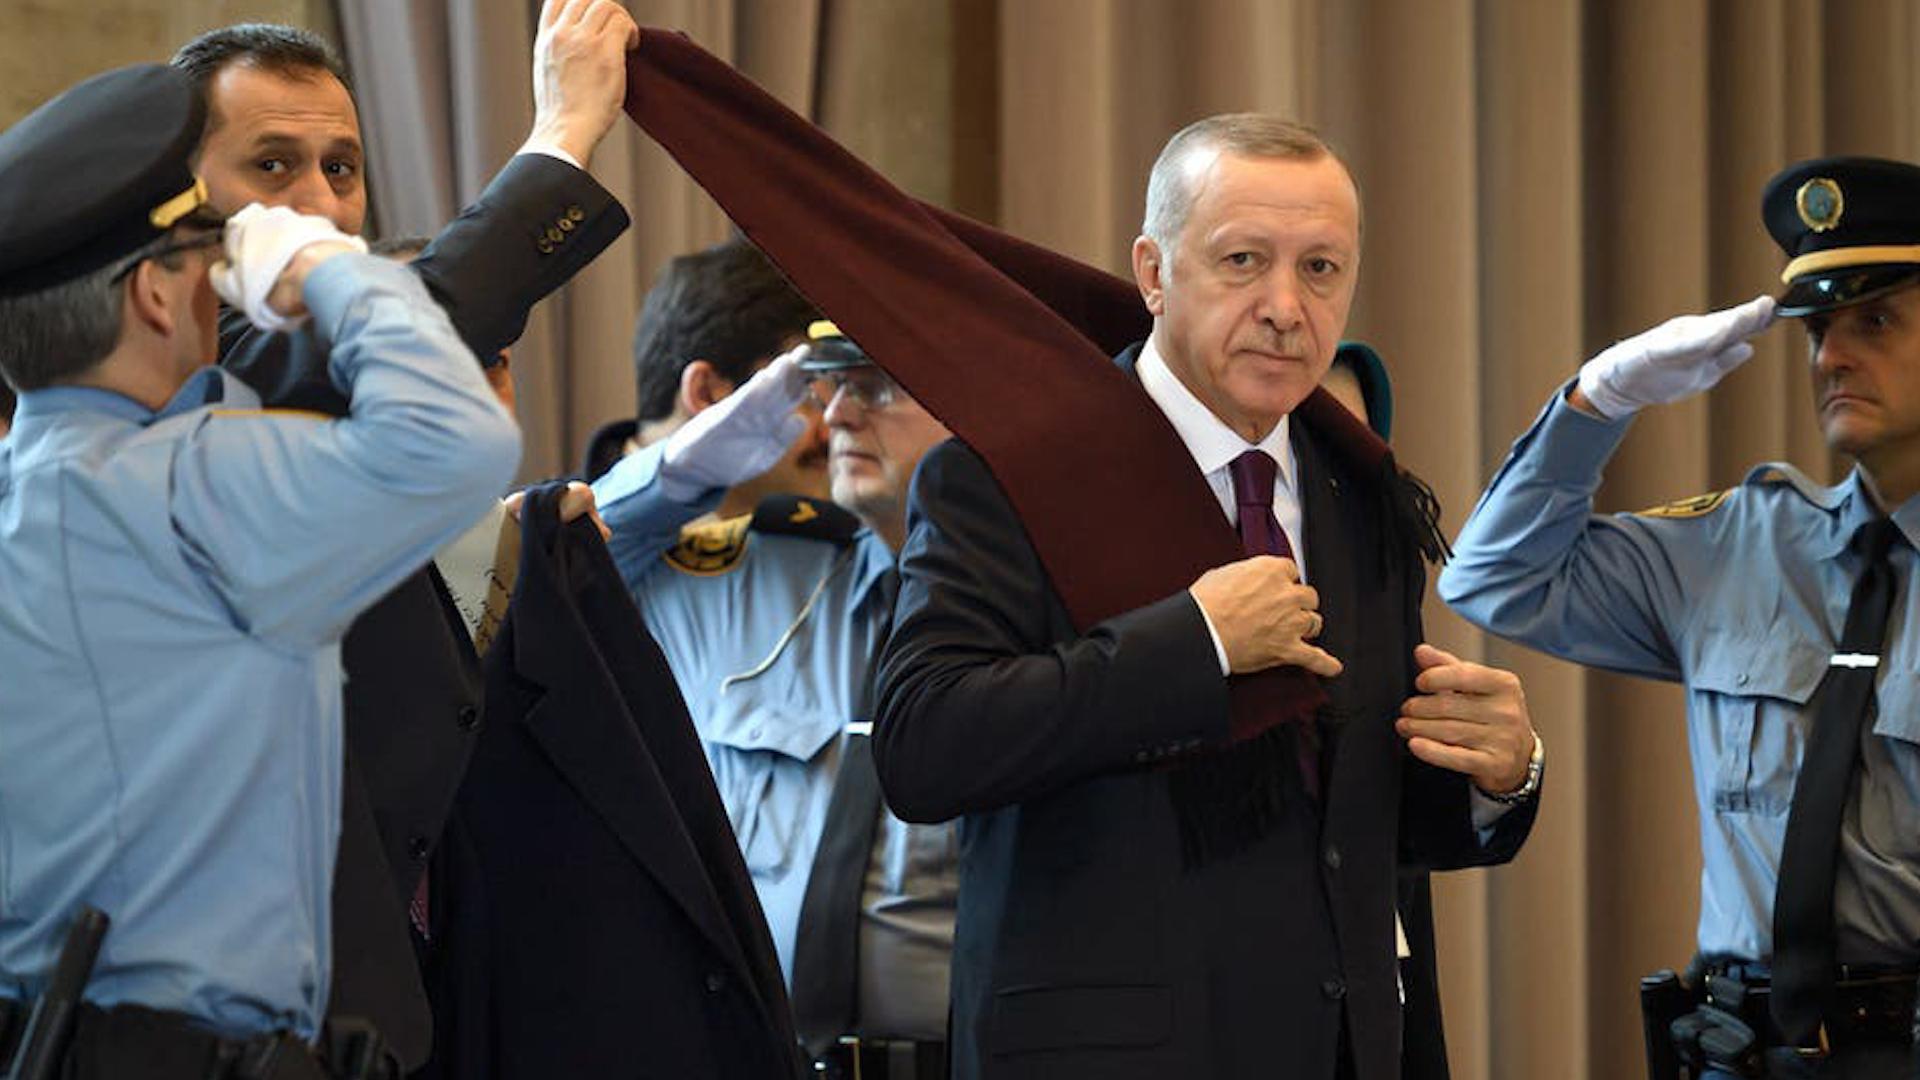 Photo of Pisporine NY: Ti hêzên Sûdanî li Lîbyayê tune ne, Erdogan idiayan dike